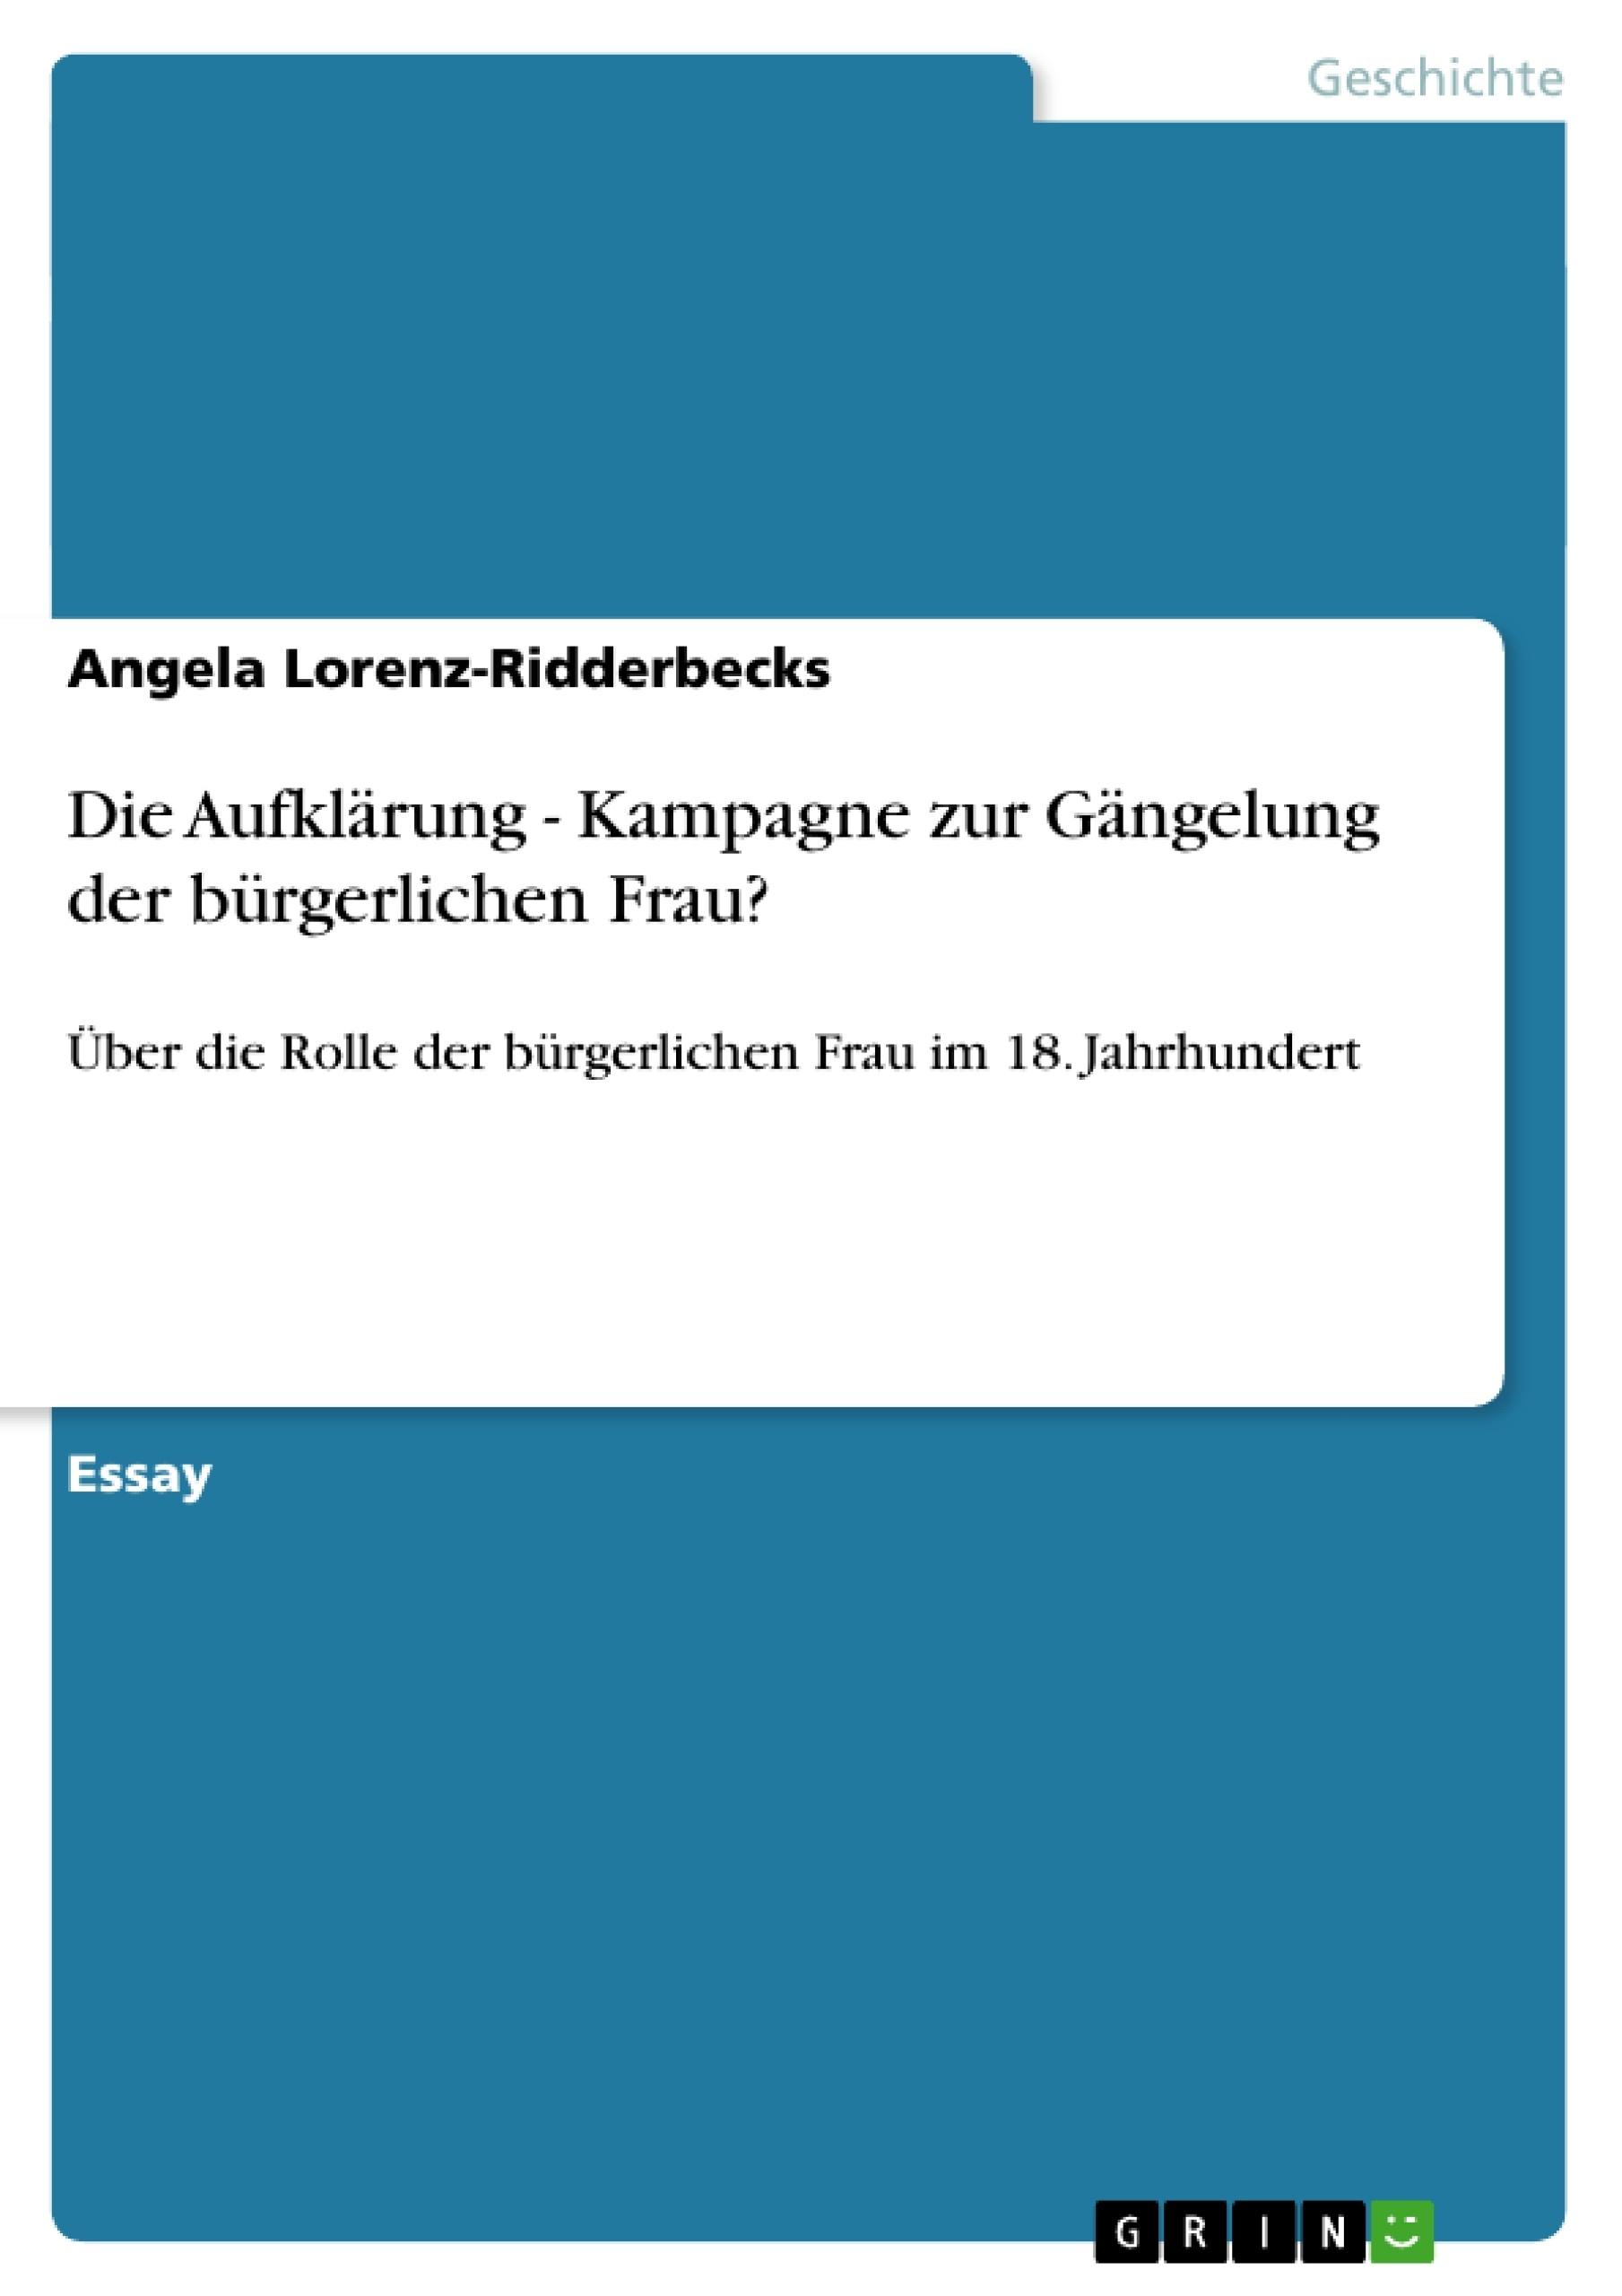 Titel: Die Aufklärung - Kampagne zur Gängelung der bürgerlichen Frau?